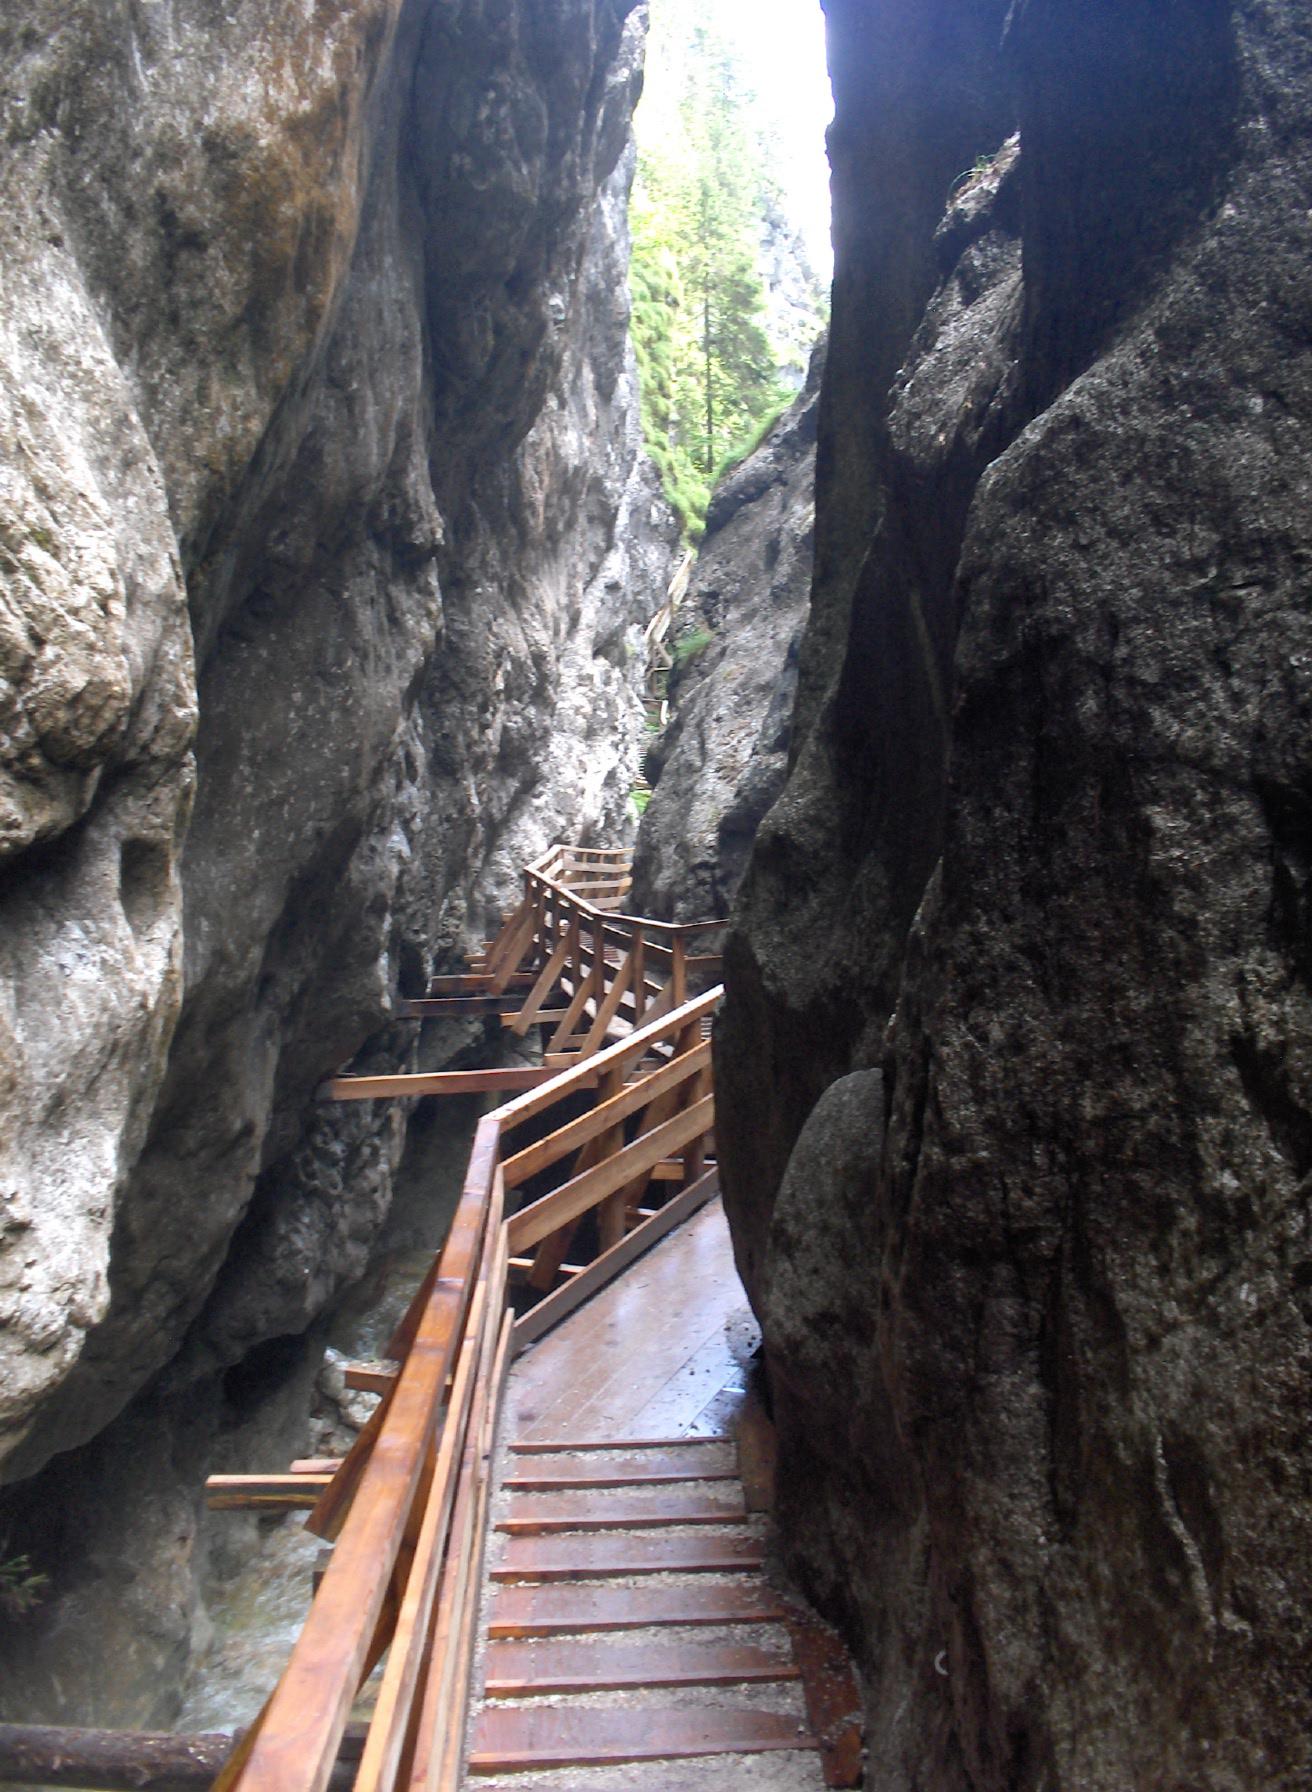 Worschachklamm Gorge